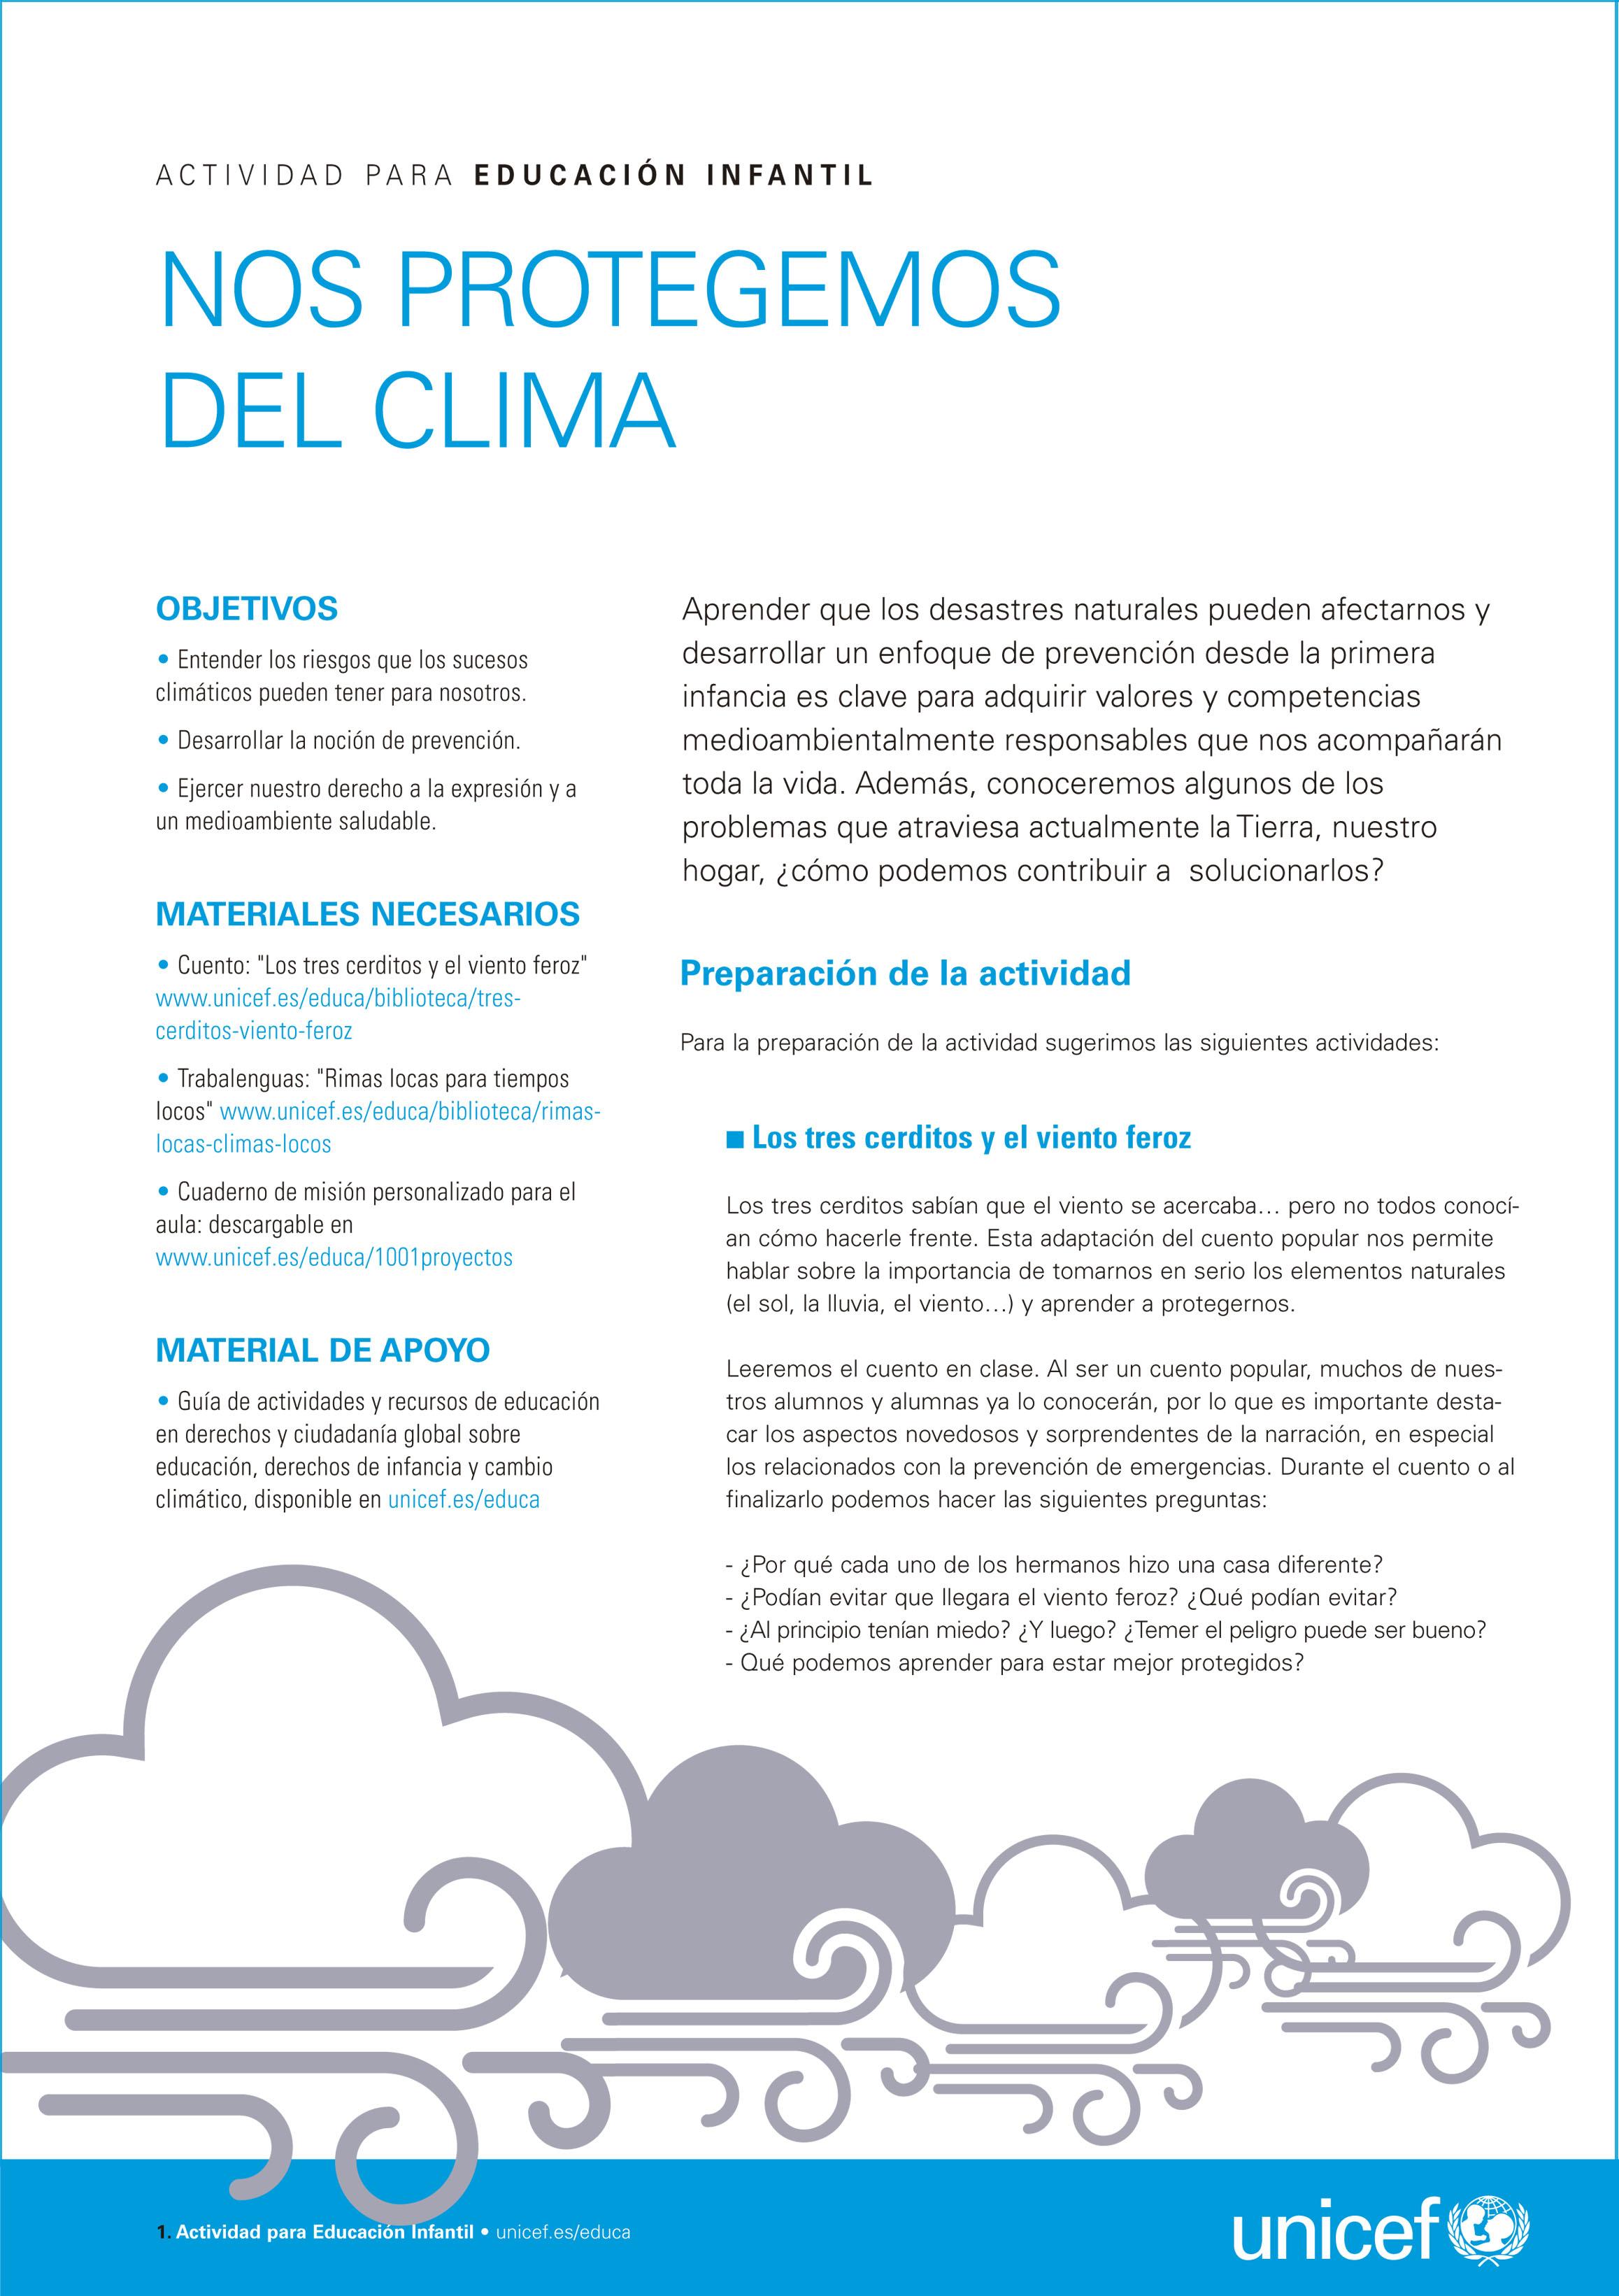 Actividad para educación infantil sobre el clima y los derechos de la infancia